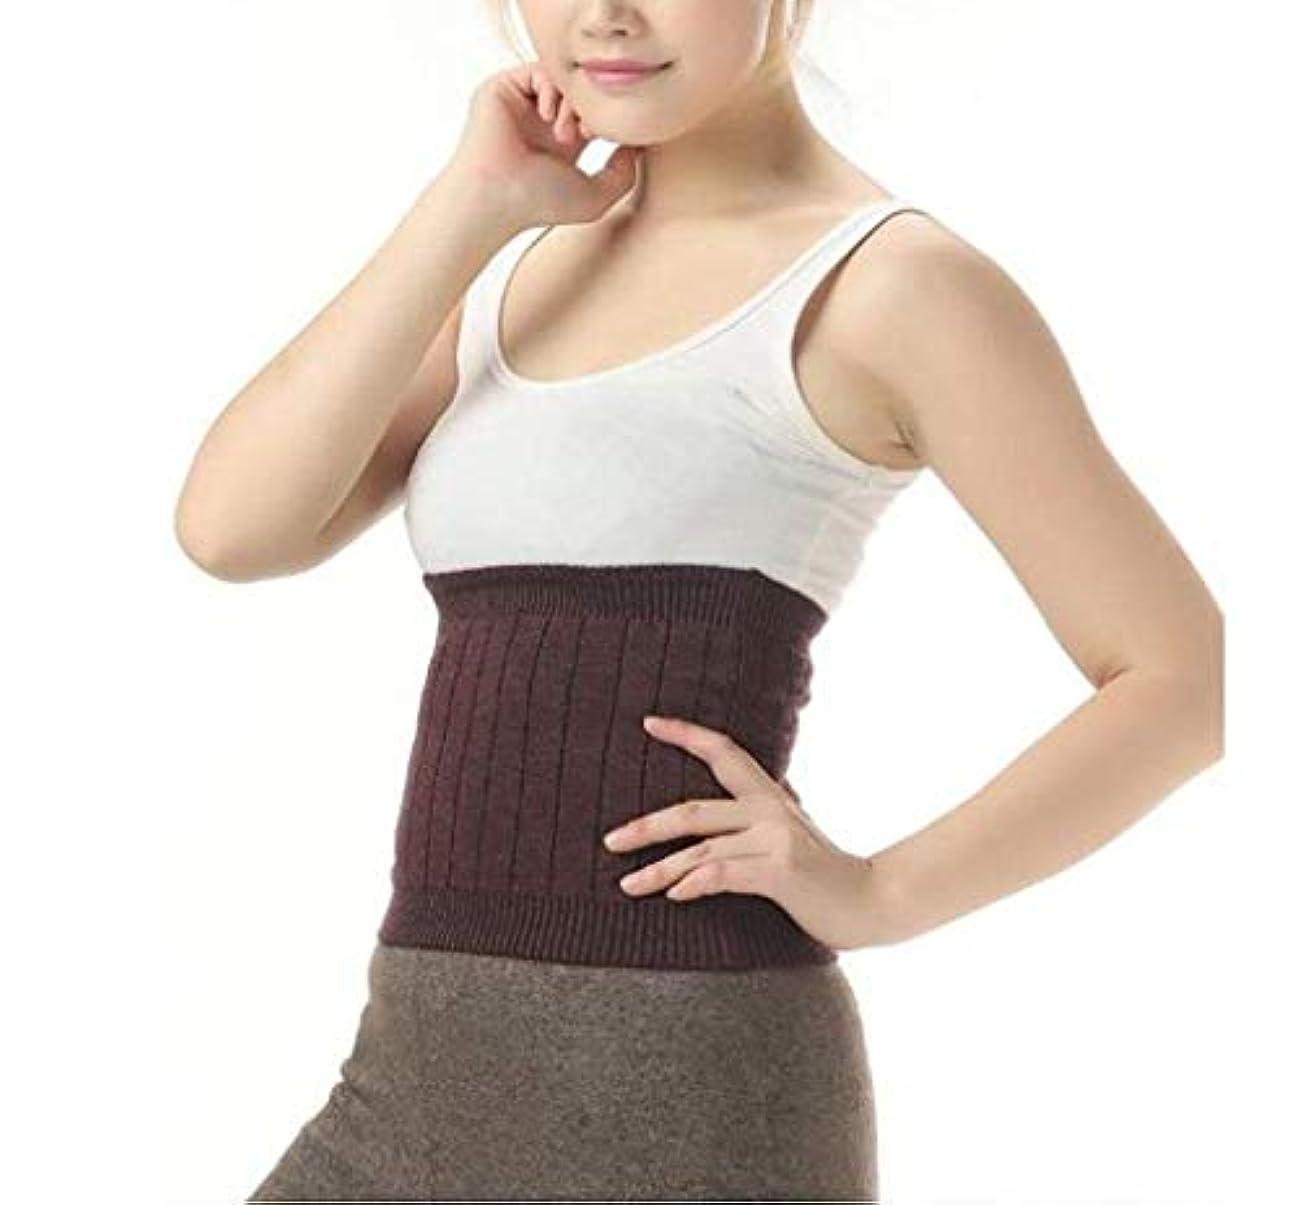 馬力繊毛鉱石冬/フィットネスのサイズに適した暖かいベルト、人間工学に基づいて設計女性のウエストベルトウールウォーム腎臓をウエストベルト、:22センチメートル* 26センチメートル